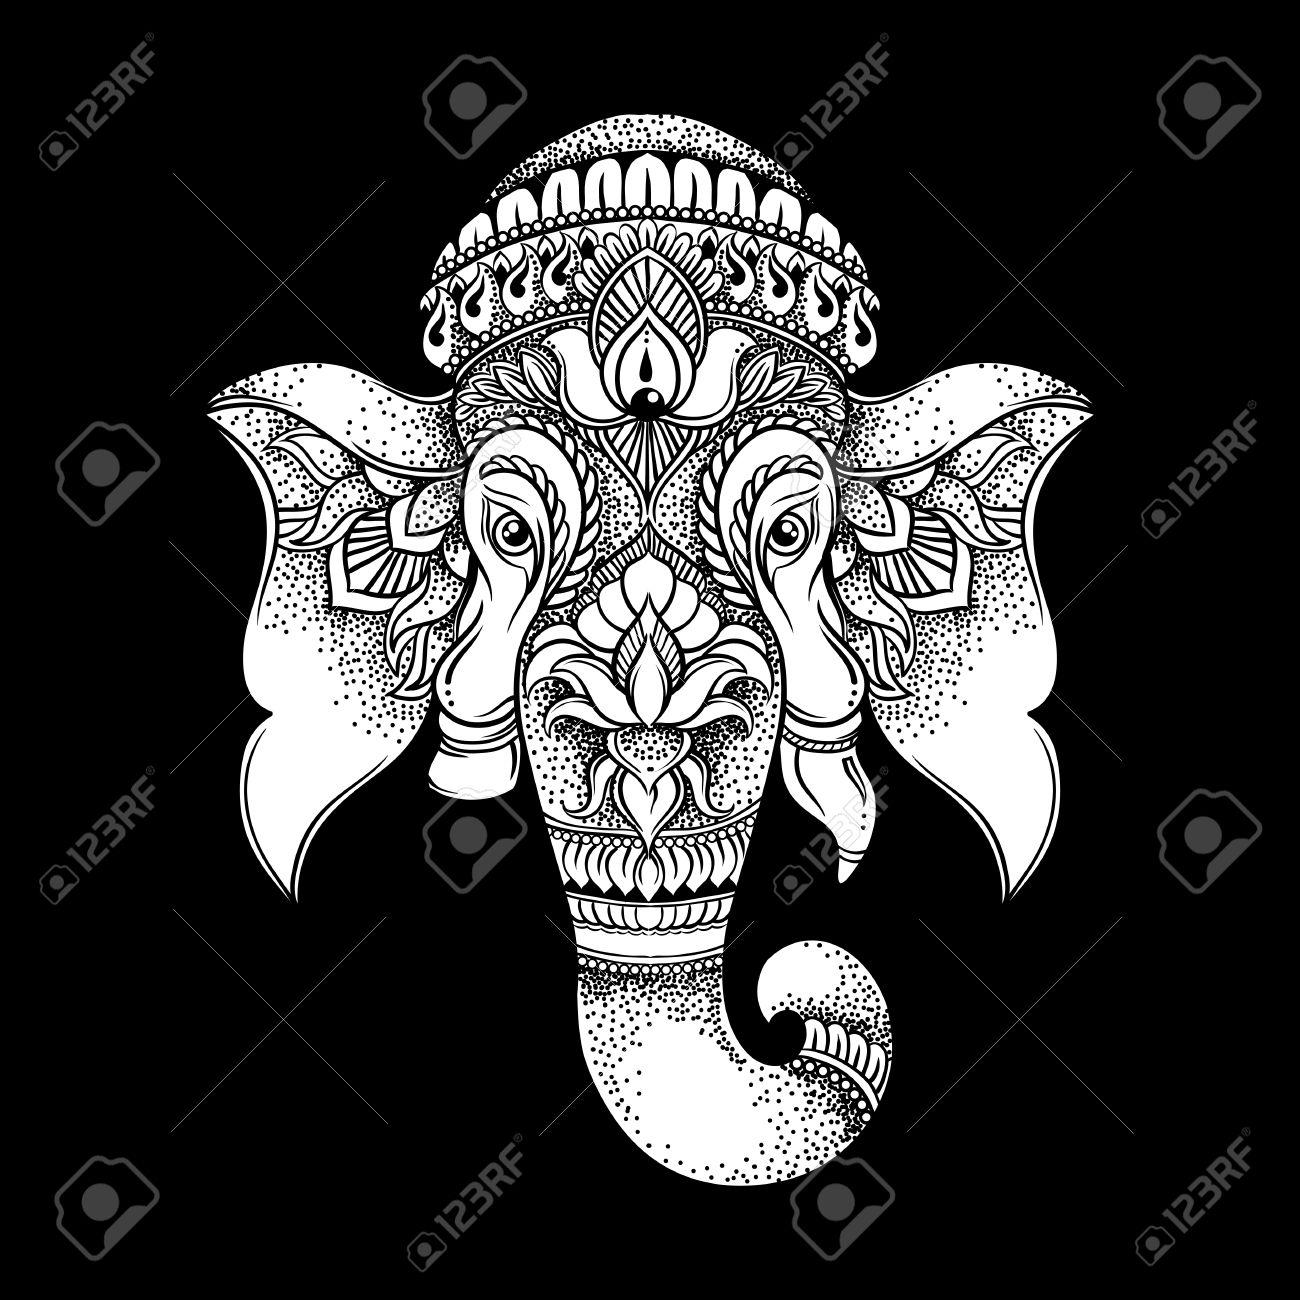 b927f39a08c57 Foto de archivo - La cabeza a mano de estilo tribal del elefante dibujado. ilustración  vectorial hindú Ganesha. diseño de la camiseta